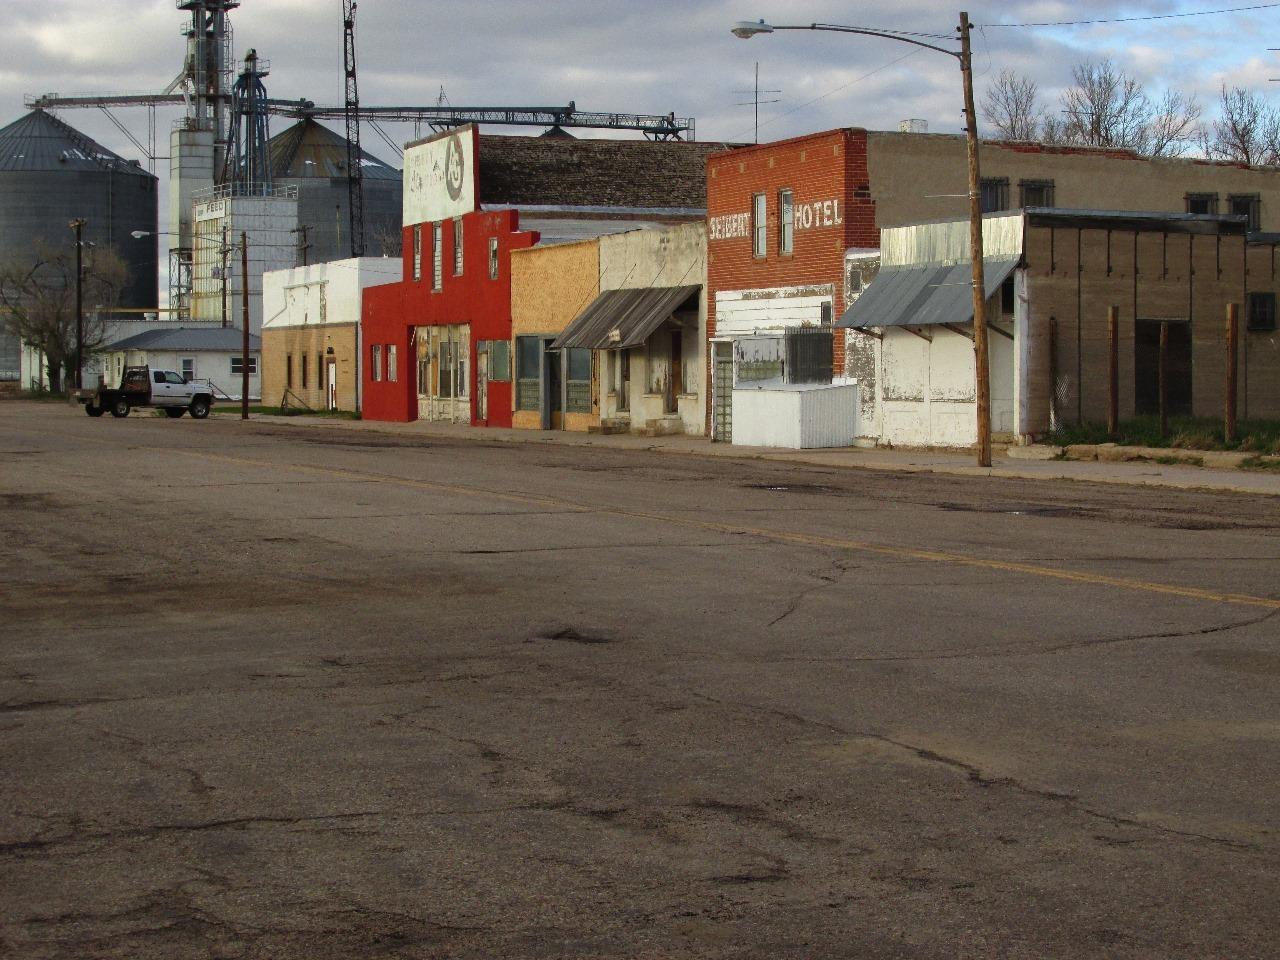 Downtown Seibert, Colorado